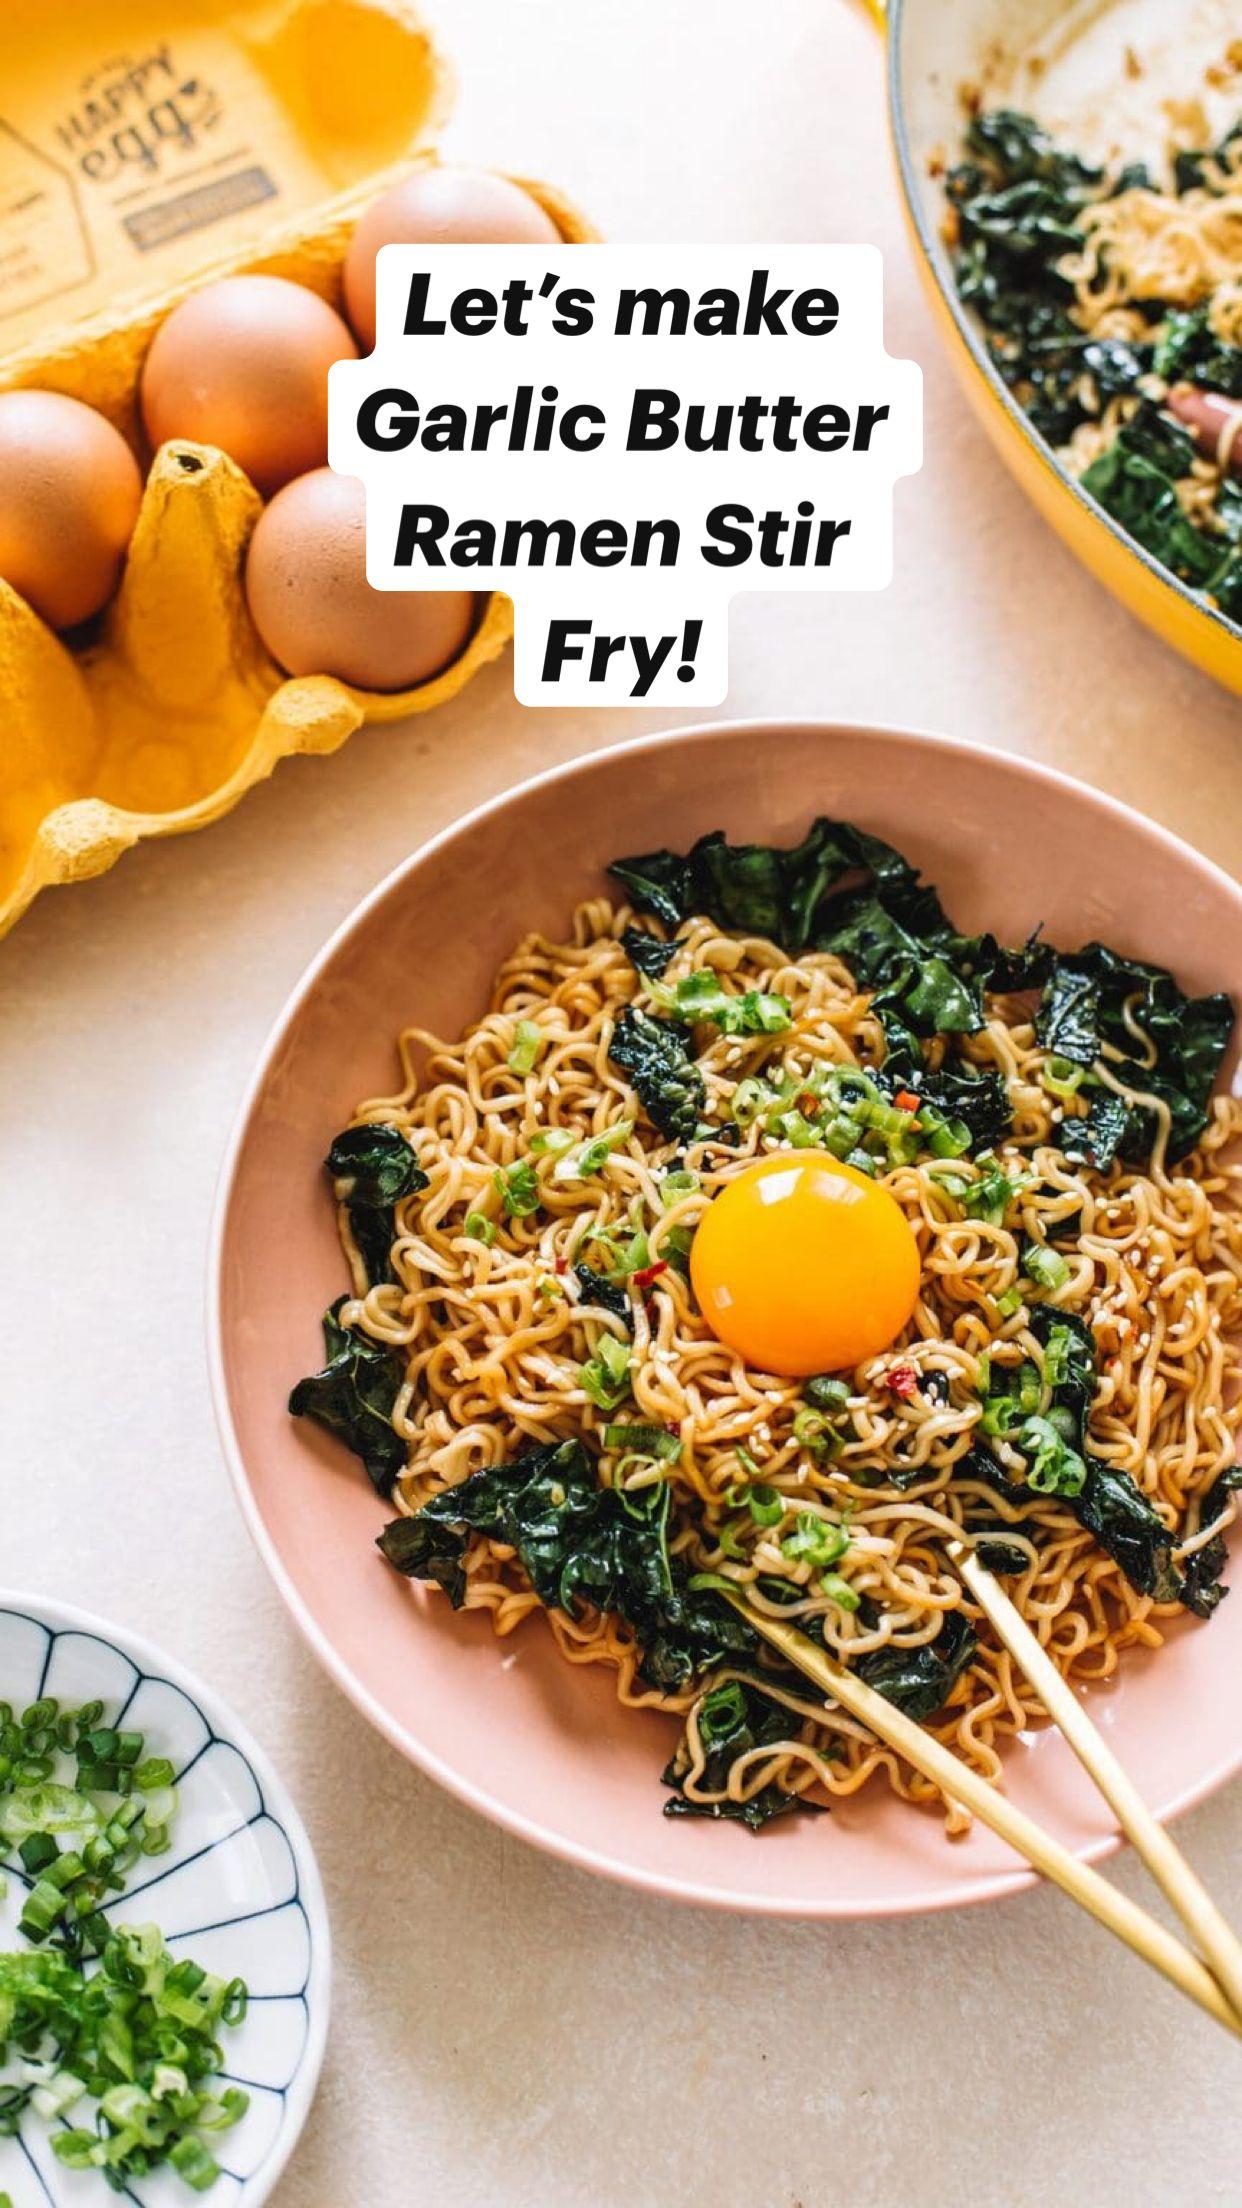 Let's make Garlic Butter Ramen Stir Fry!